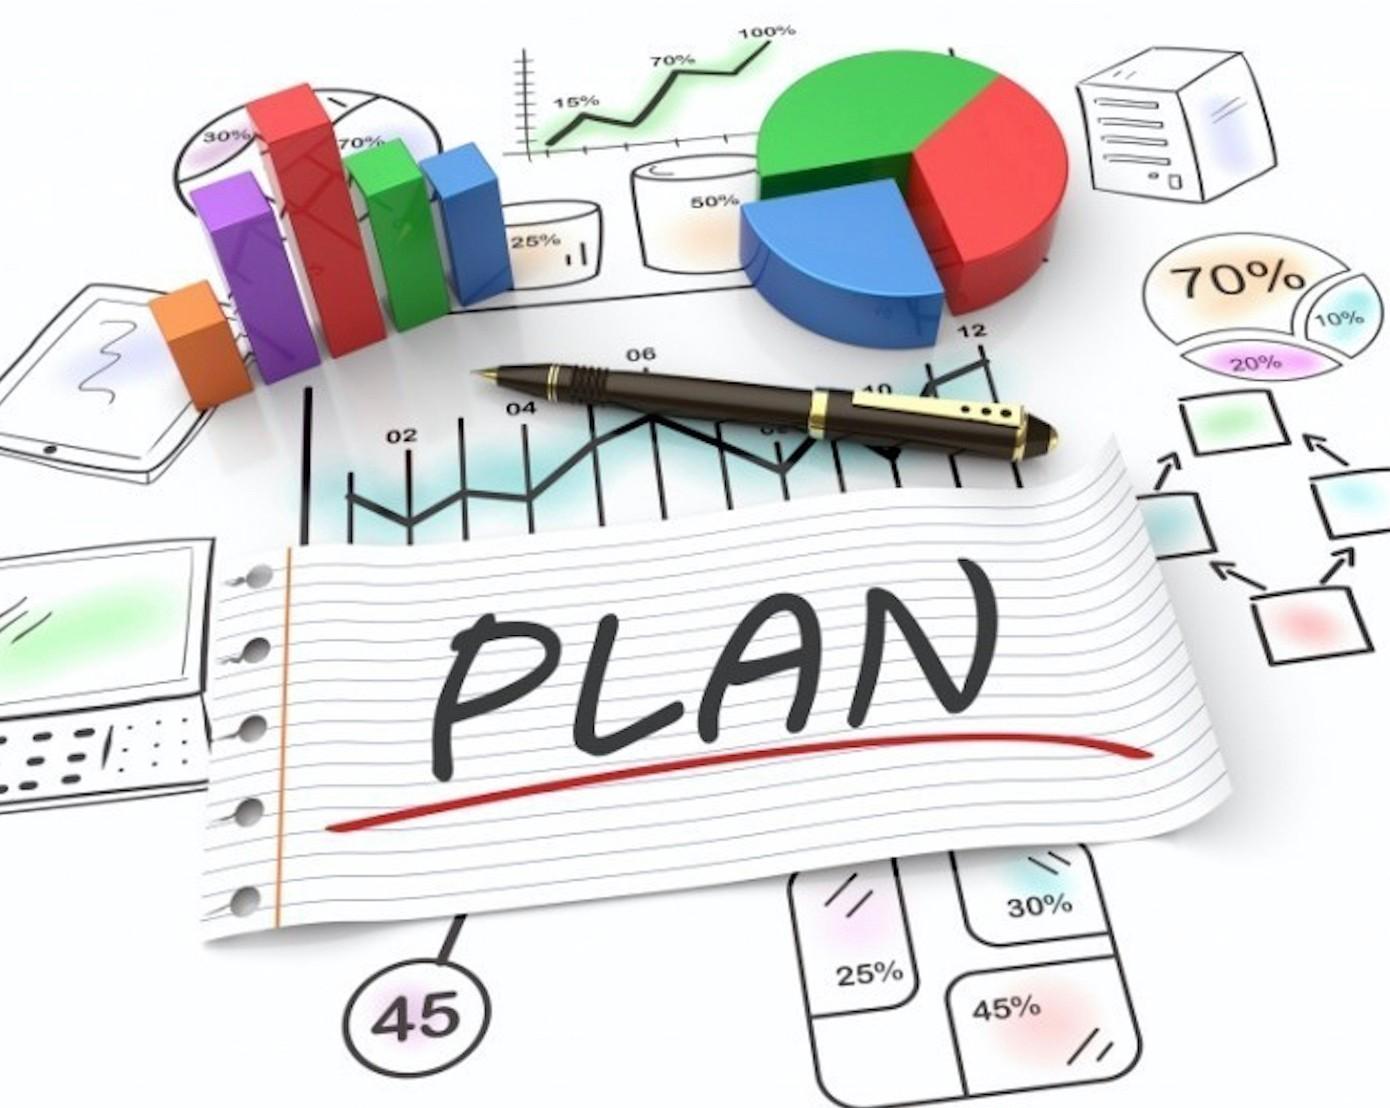 2019 08 07 22 26 59 - Как мотивировать партнеров и повысить эффективность партнерской программы